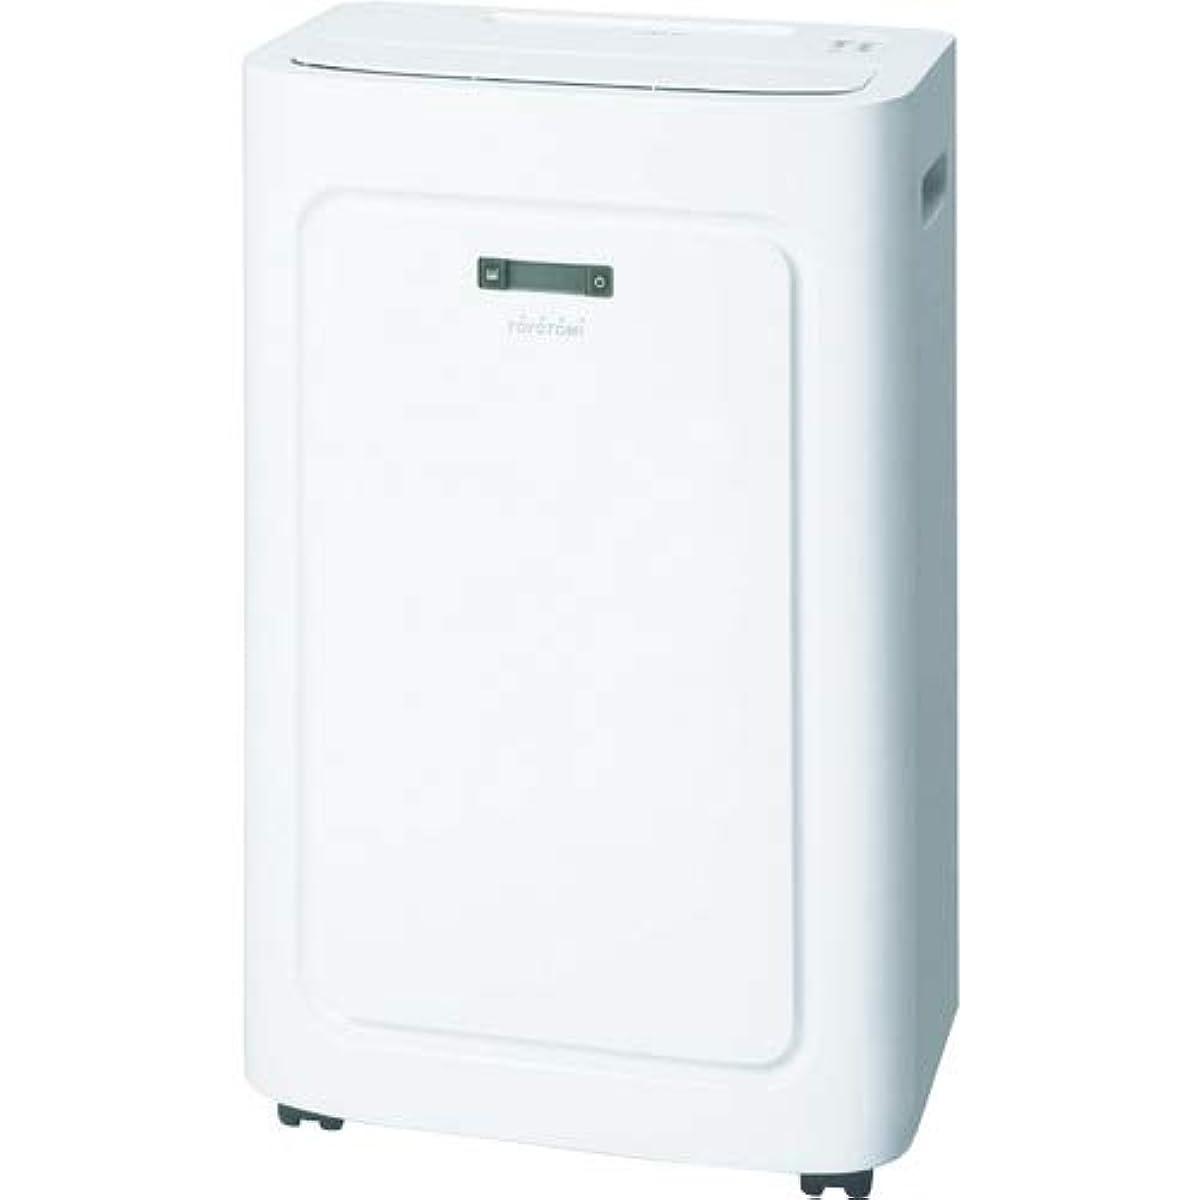 [해외] 토요토미 냉난방 에어컨 화이트 TAD-22KW (W)